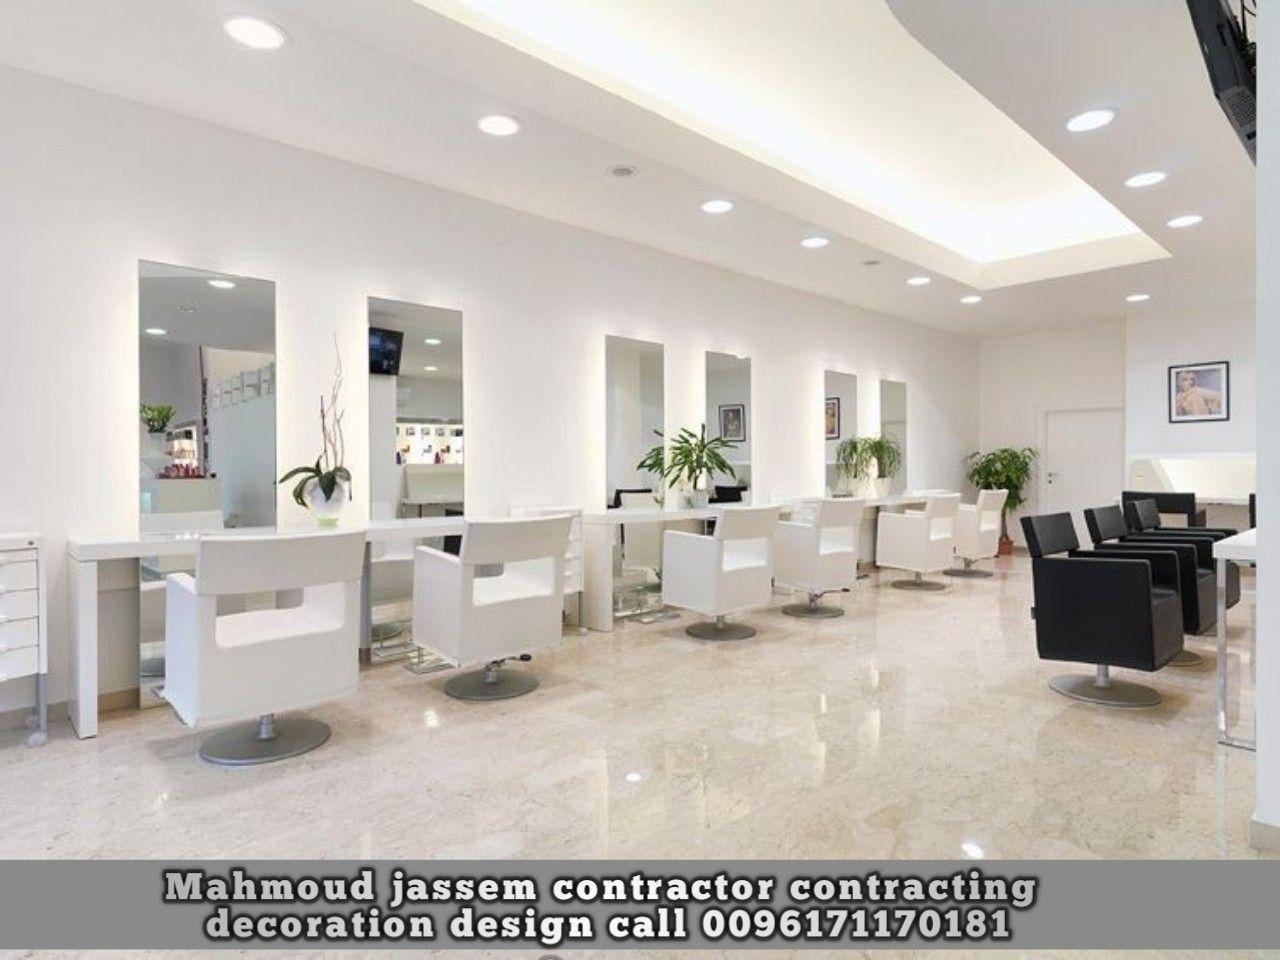 تجهيز صالونات محلات كوافيرا صالون شعر مكياج ديكور راقي مودرن وافضل سعر تعهدات عامة ترميم ديكور صيا Salon Interior Design Salon Suites Decor Hair Salon Interior